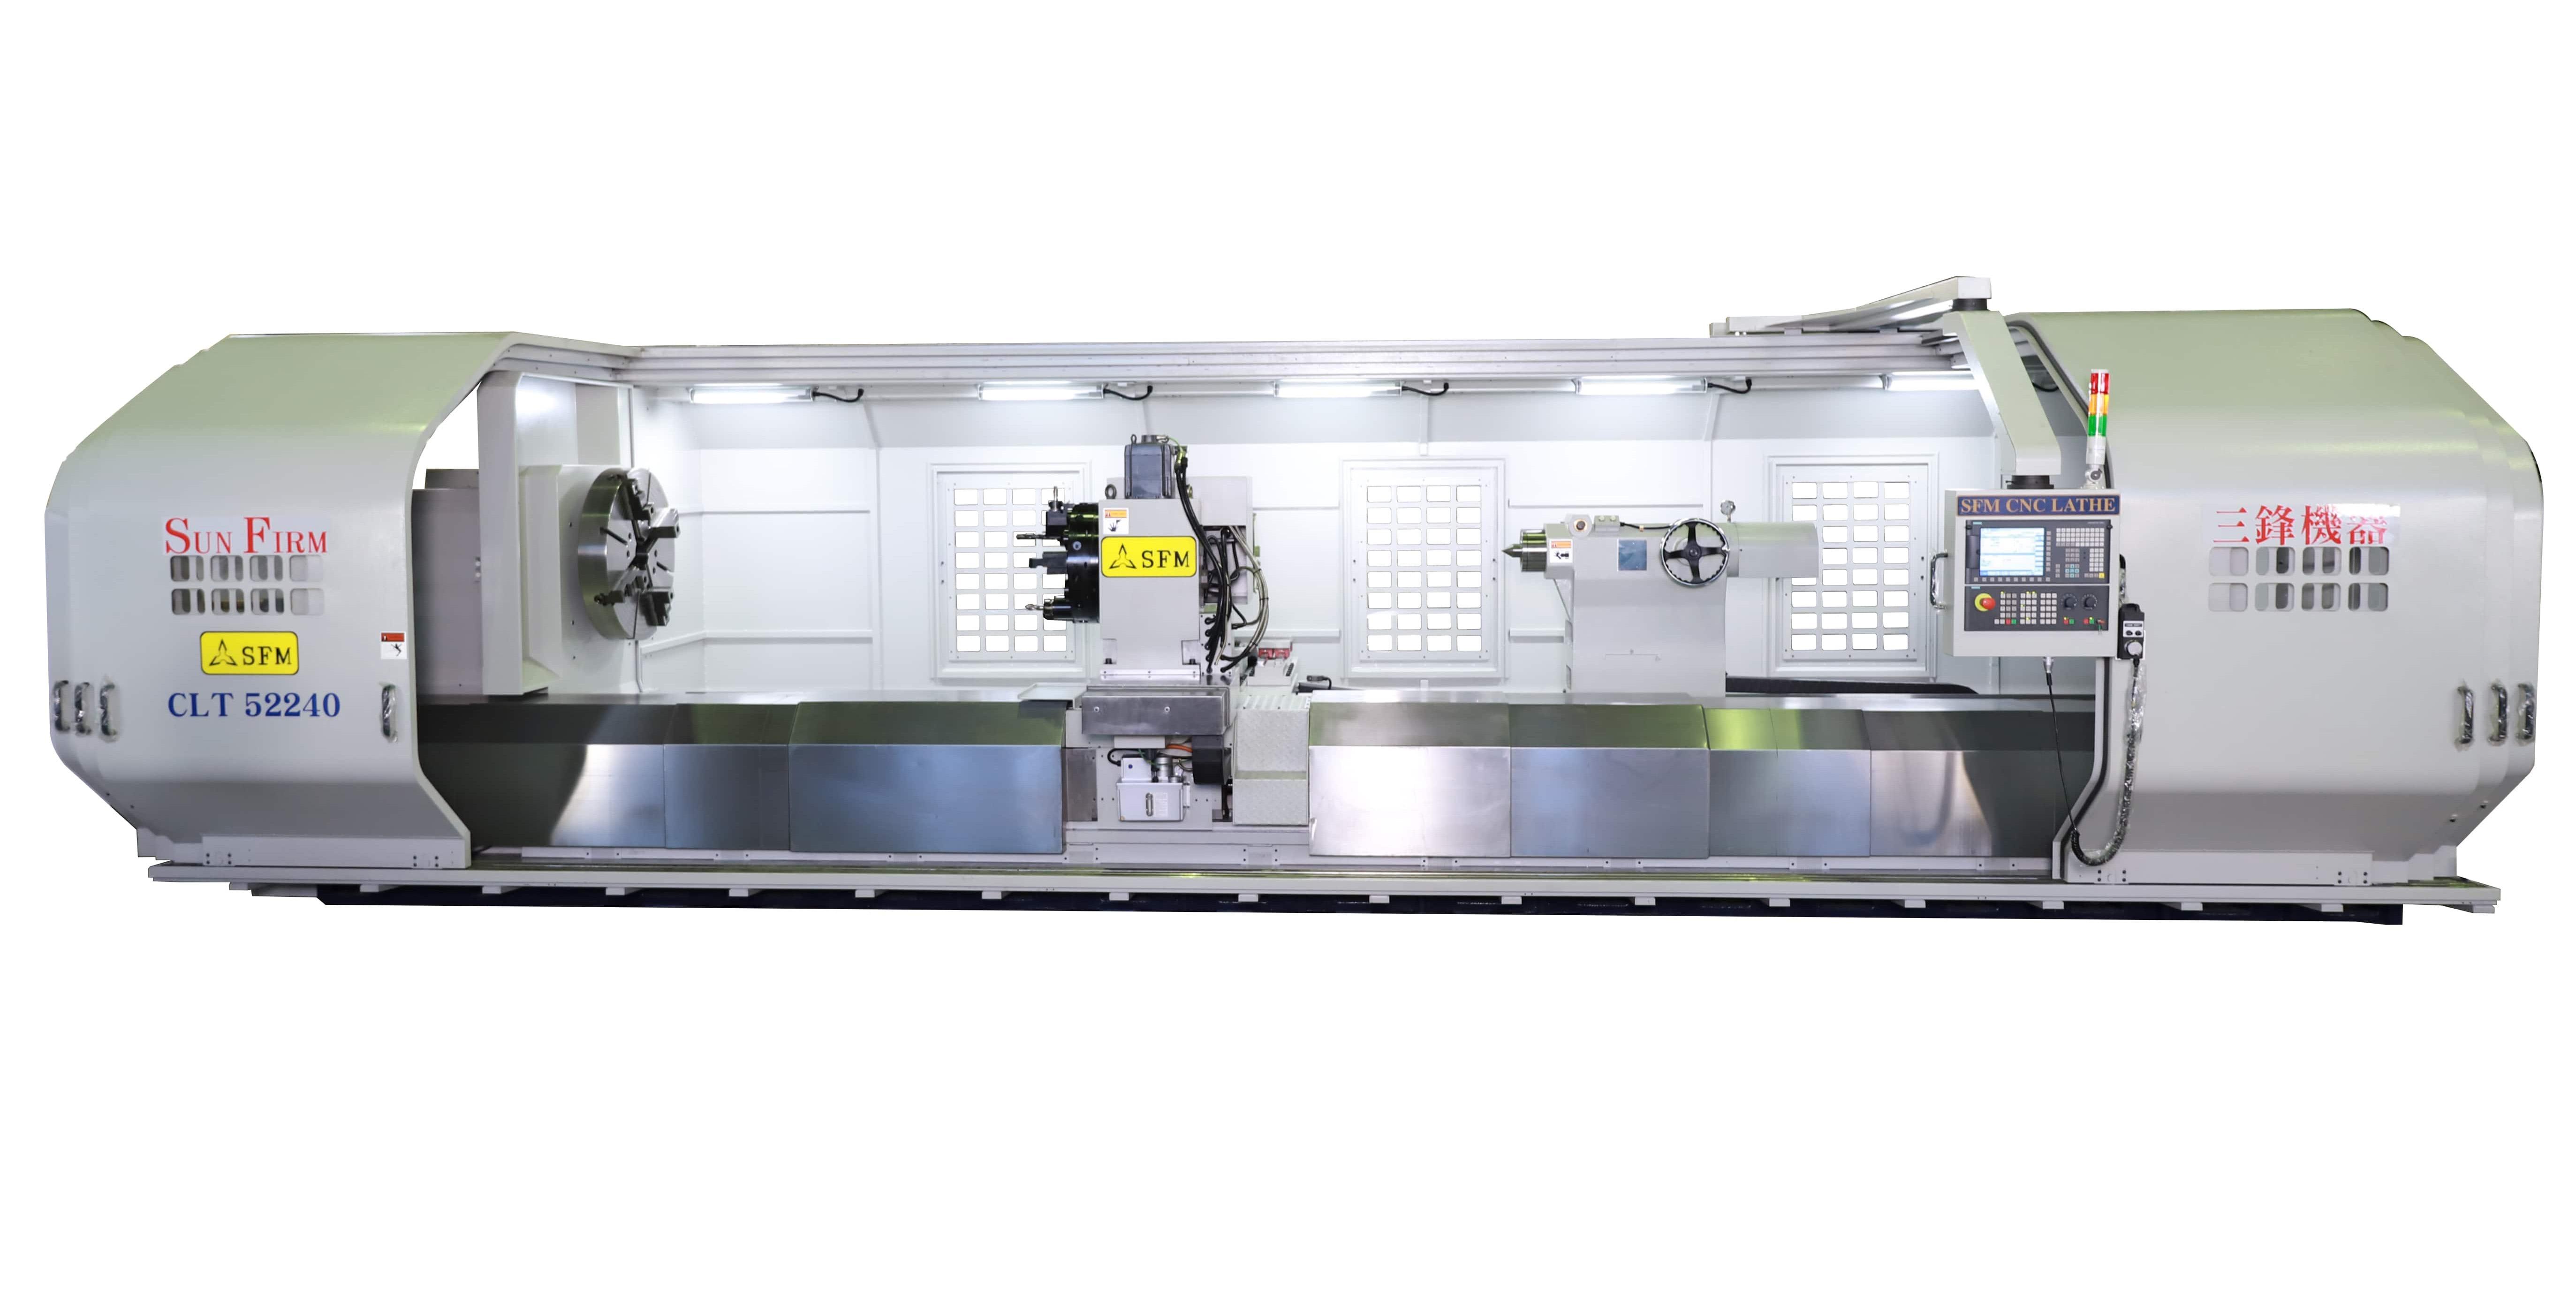 多軸同動多導軌超重切削智慧化數控車床-三鋒機器工業股份有限公司